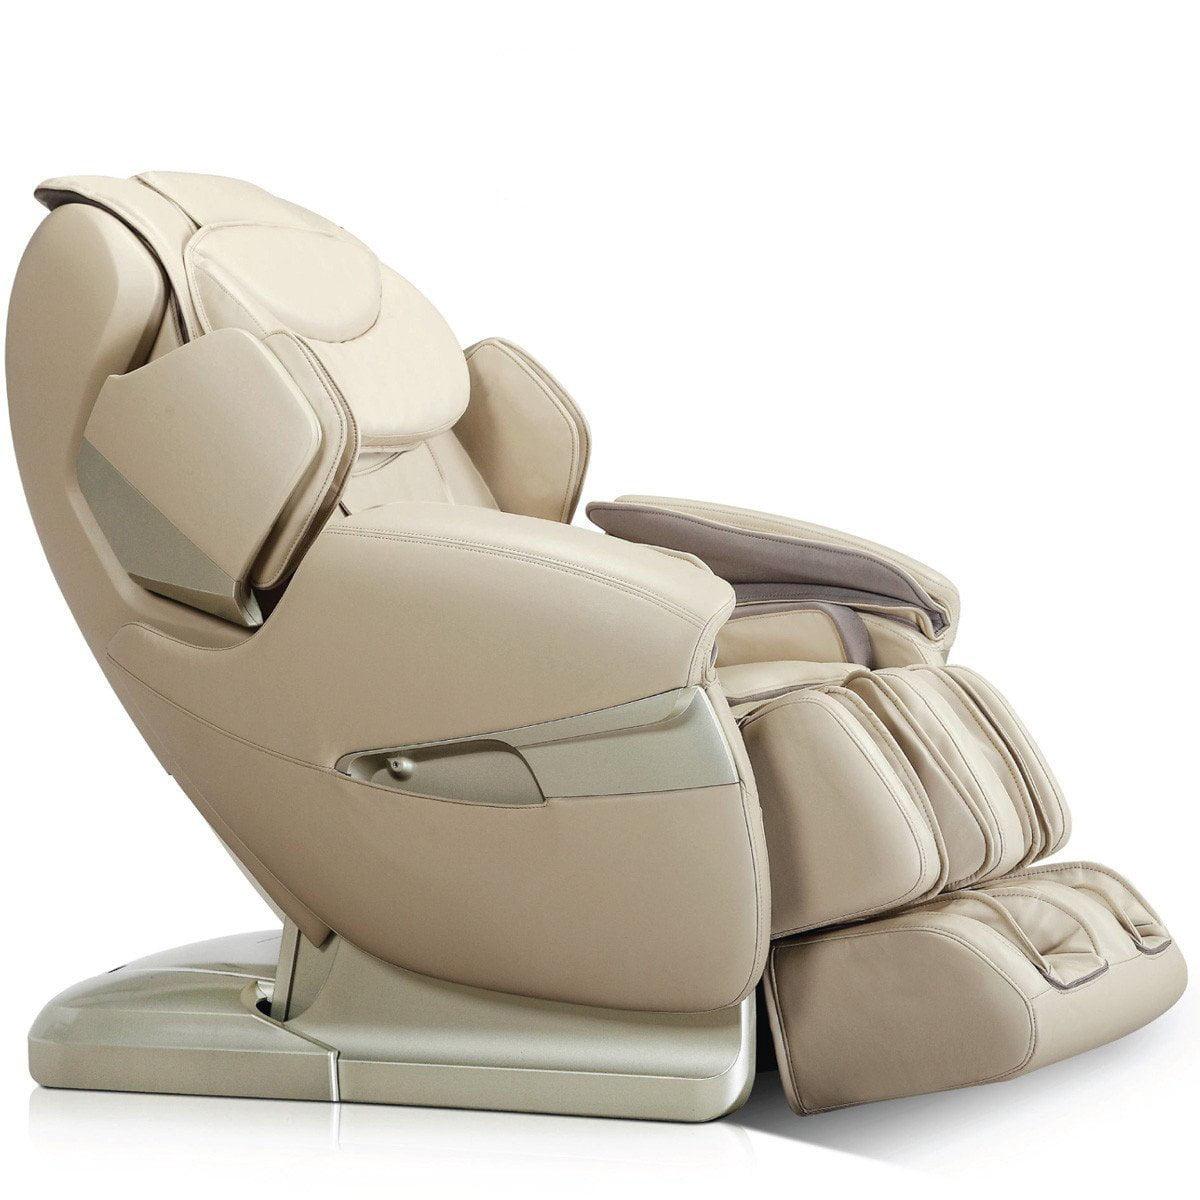 Apex Digital AP-Pro Lotus Massage Chair (Cream)